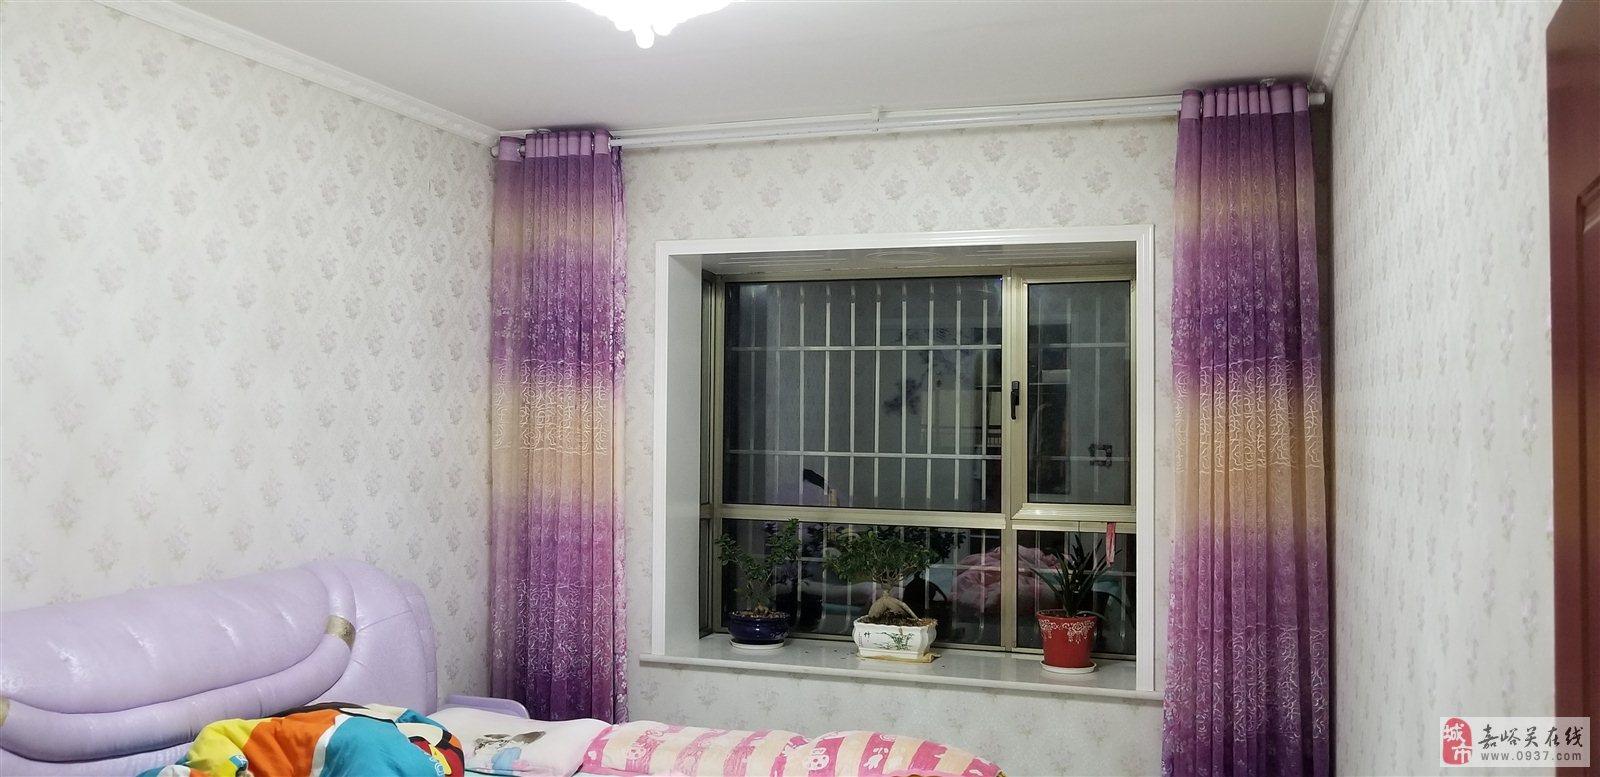 紫轩花园3室2厅2卫60万元